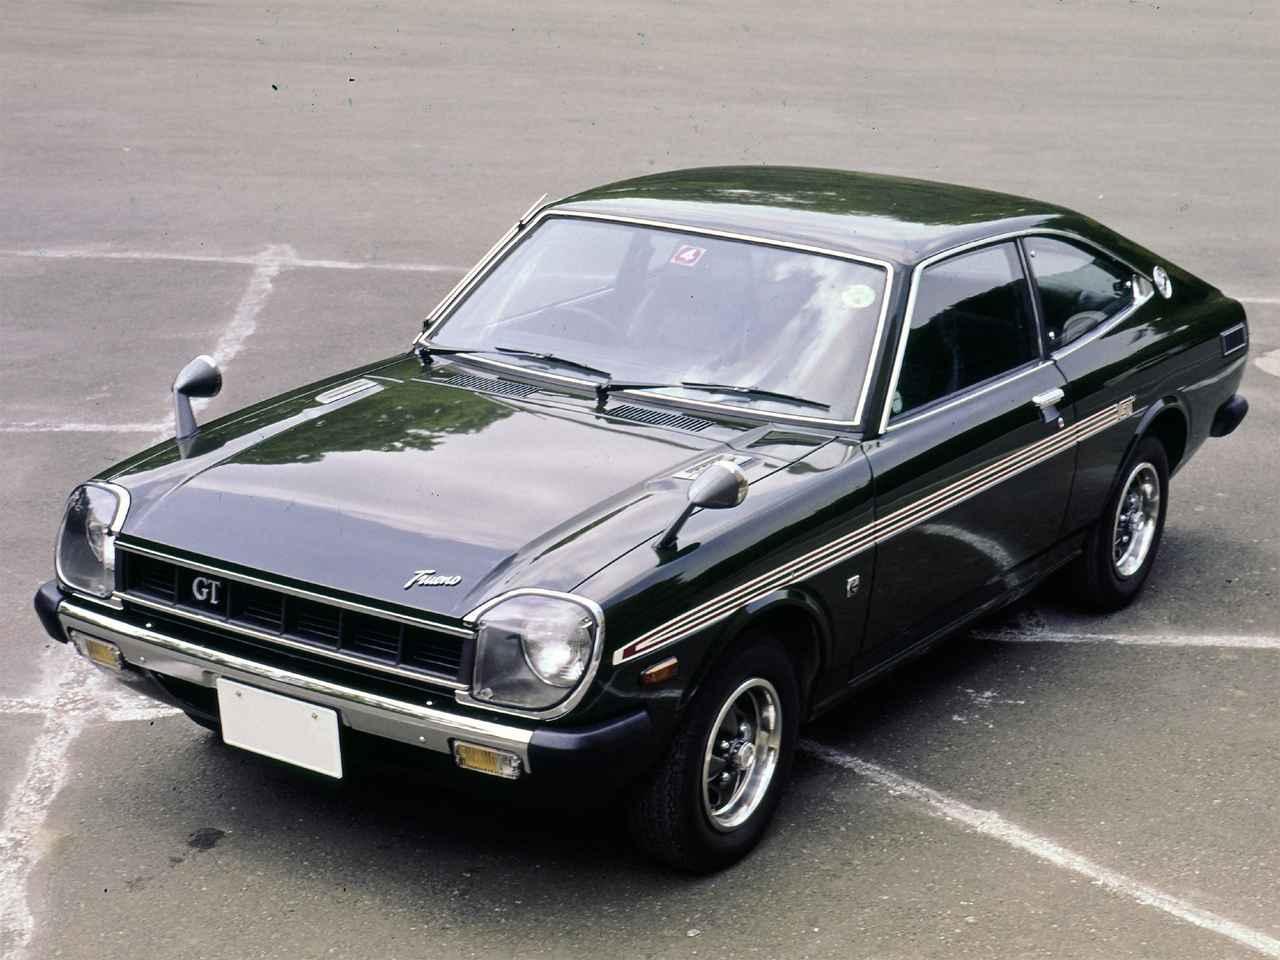 【昭和の名車 54】トヨタ スプリンタークーペ 1600トレノGT:昭和49年(1974年)